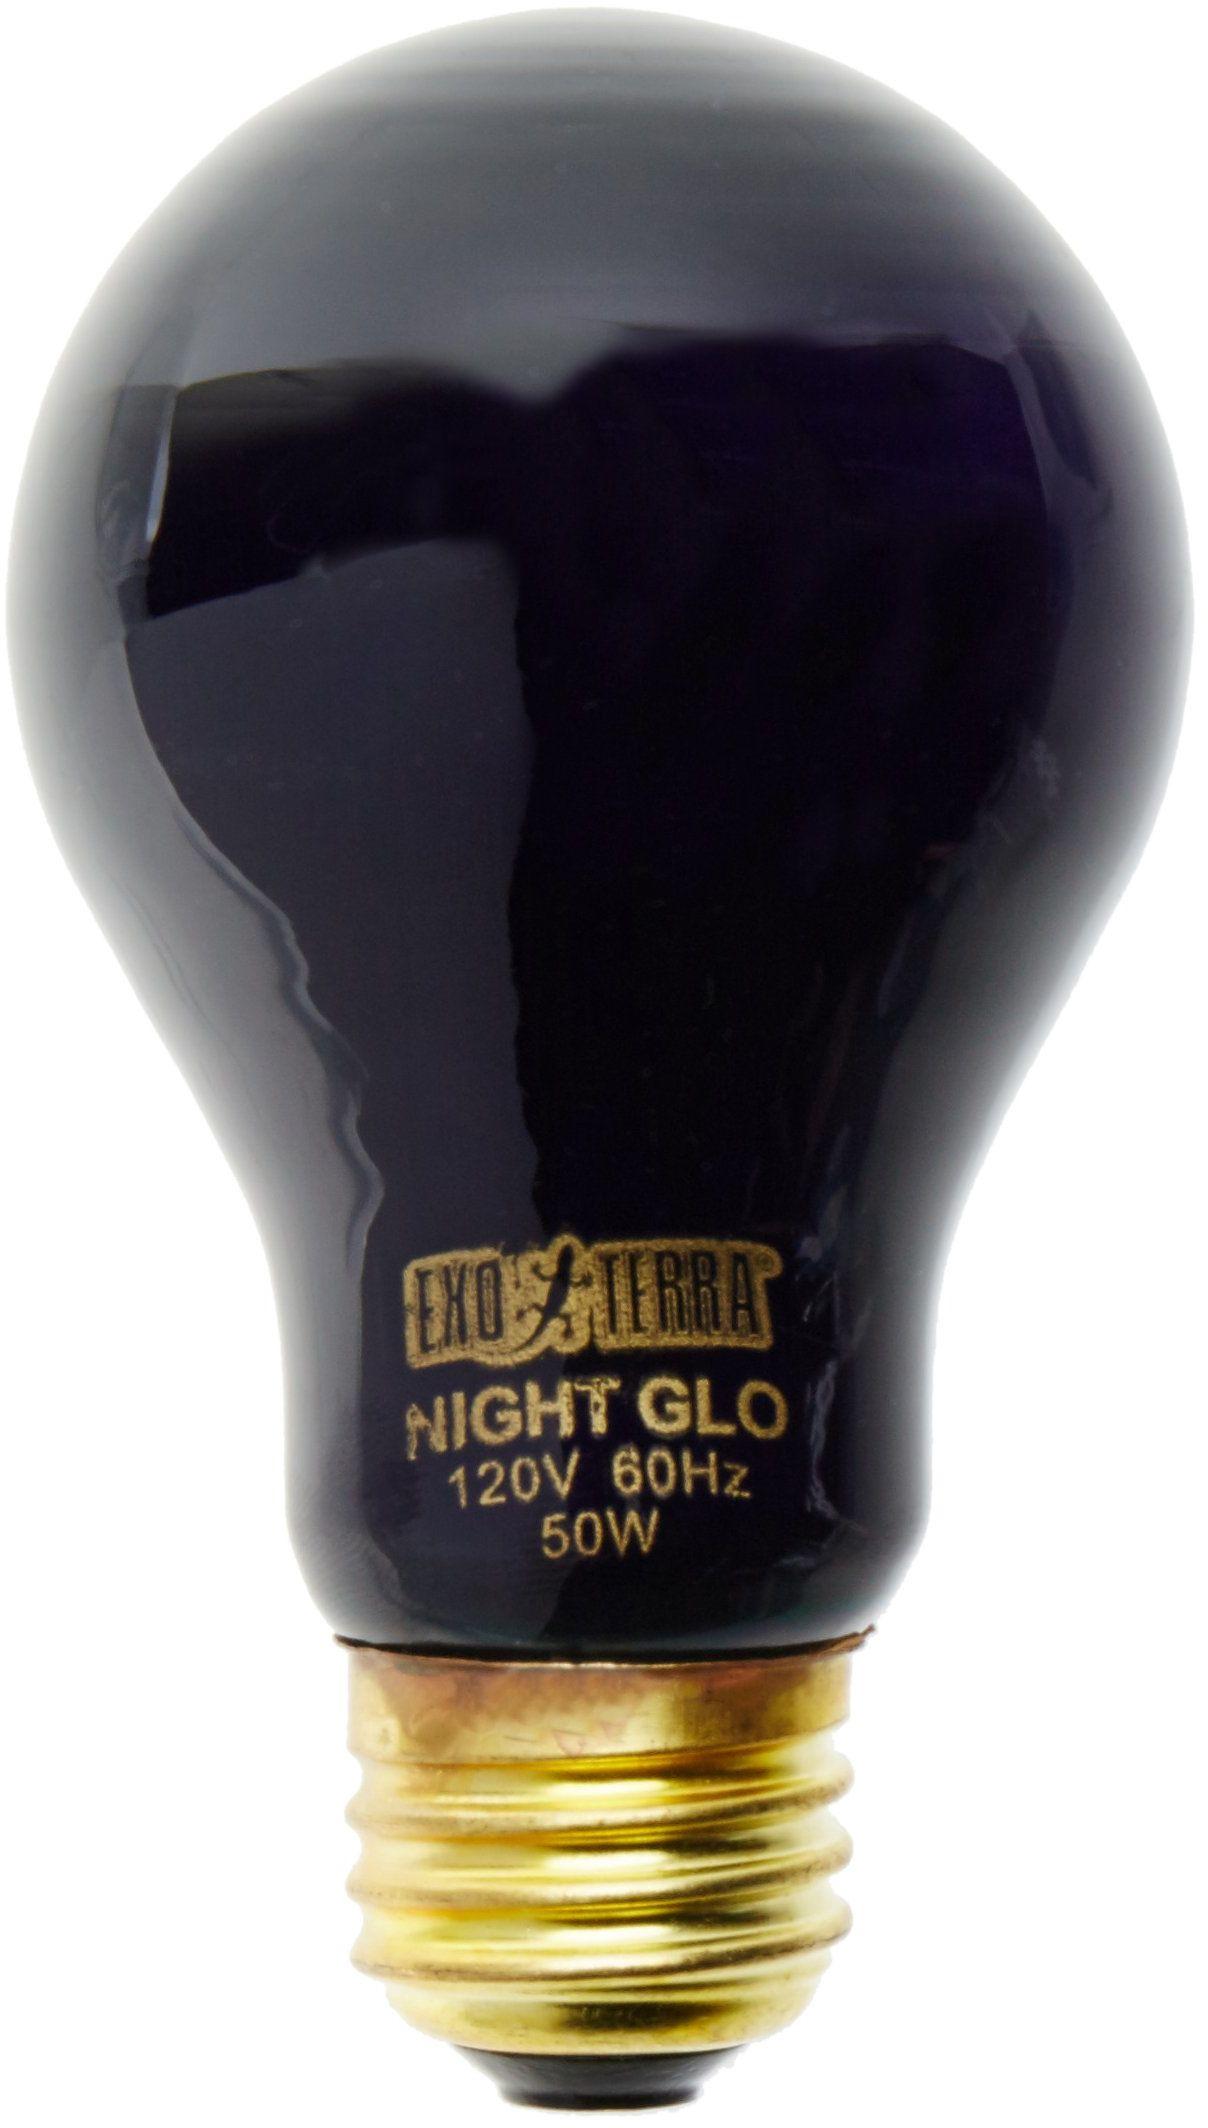 Exo Terra PT2126 nocna lampa grzewcza, 50 W